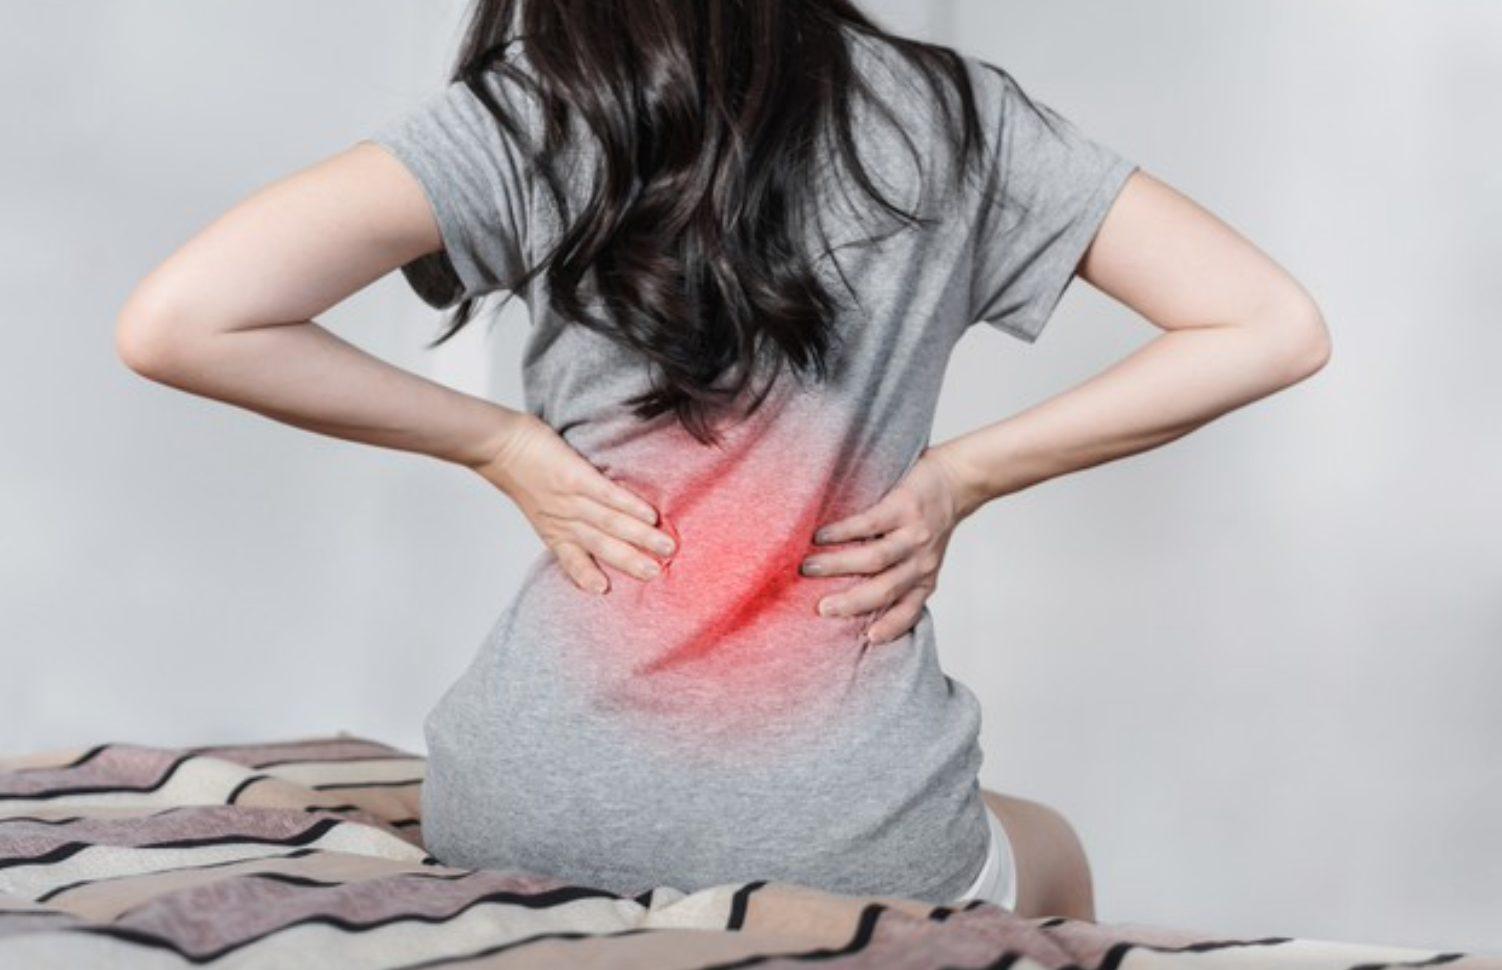 【厳選】痩せ型&猫背向けおすすめマットレス|体や背中が痛くない選び方とは?